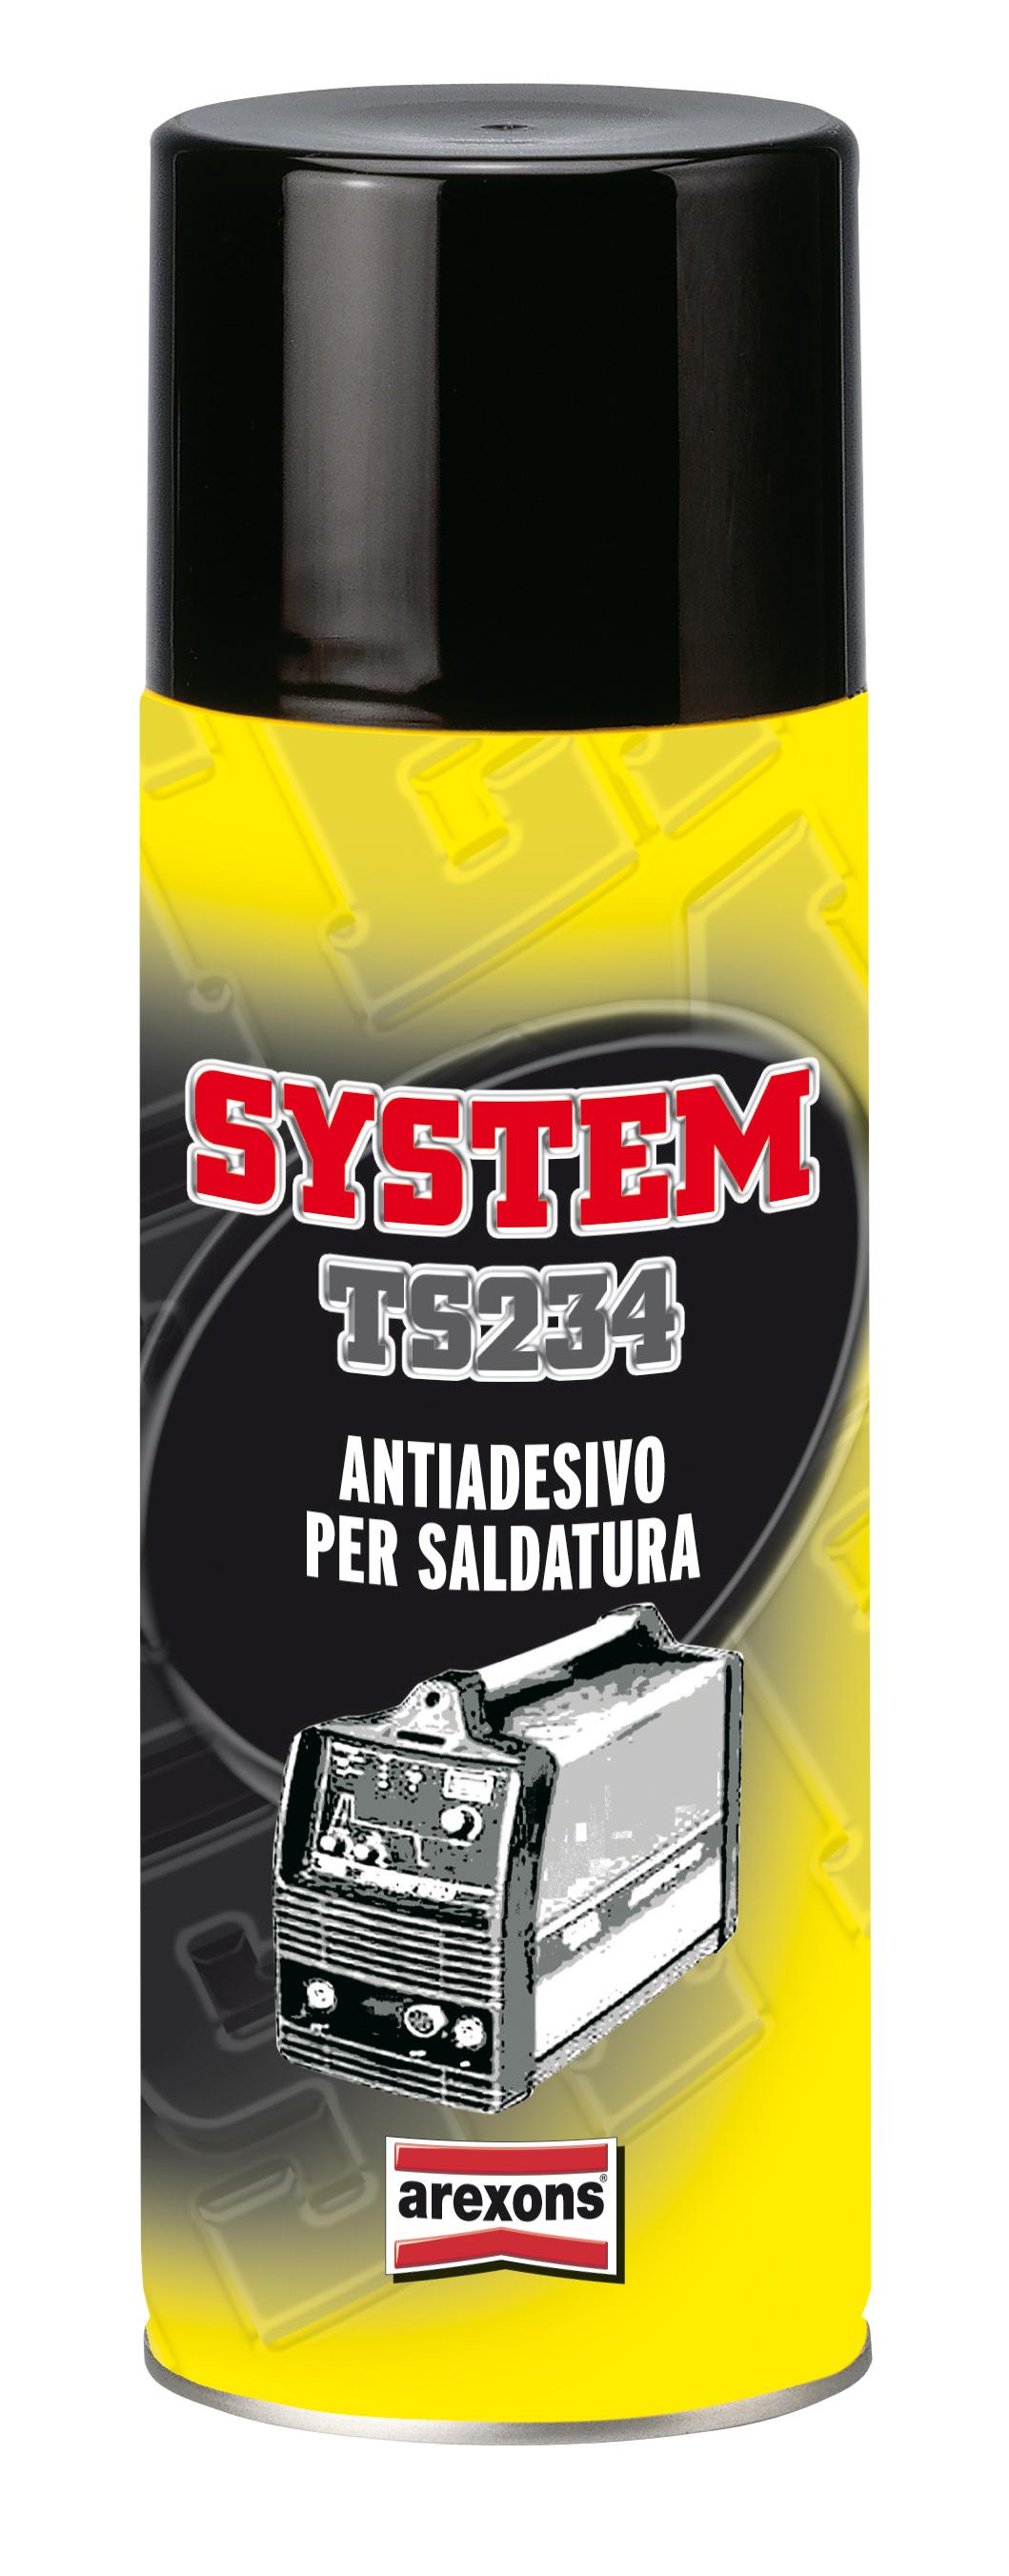 TS234 - Sváření s nelepivým povrchem